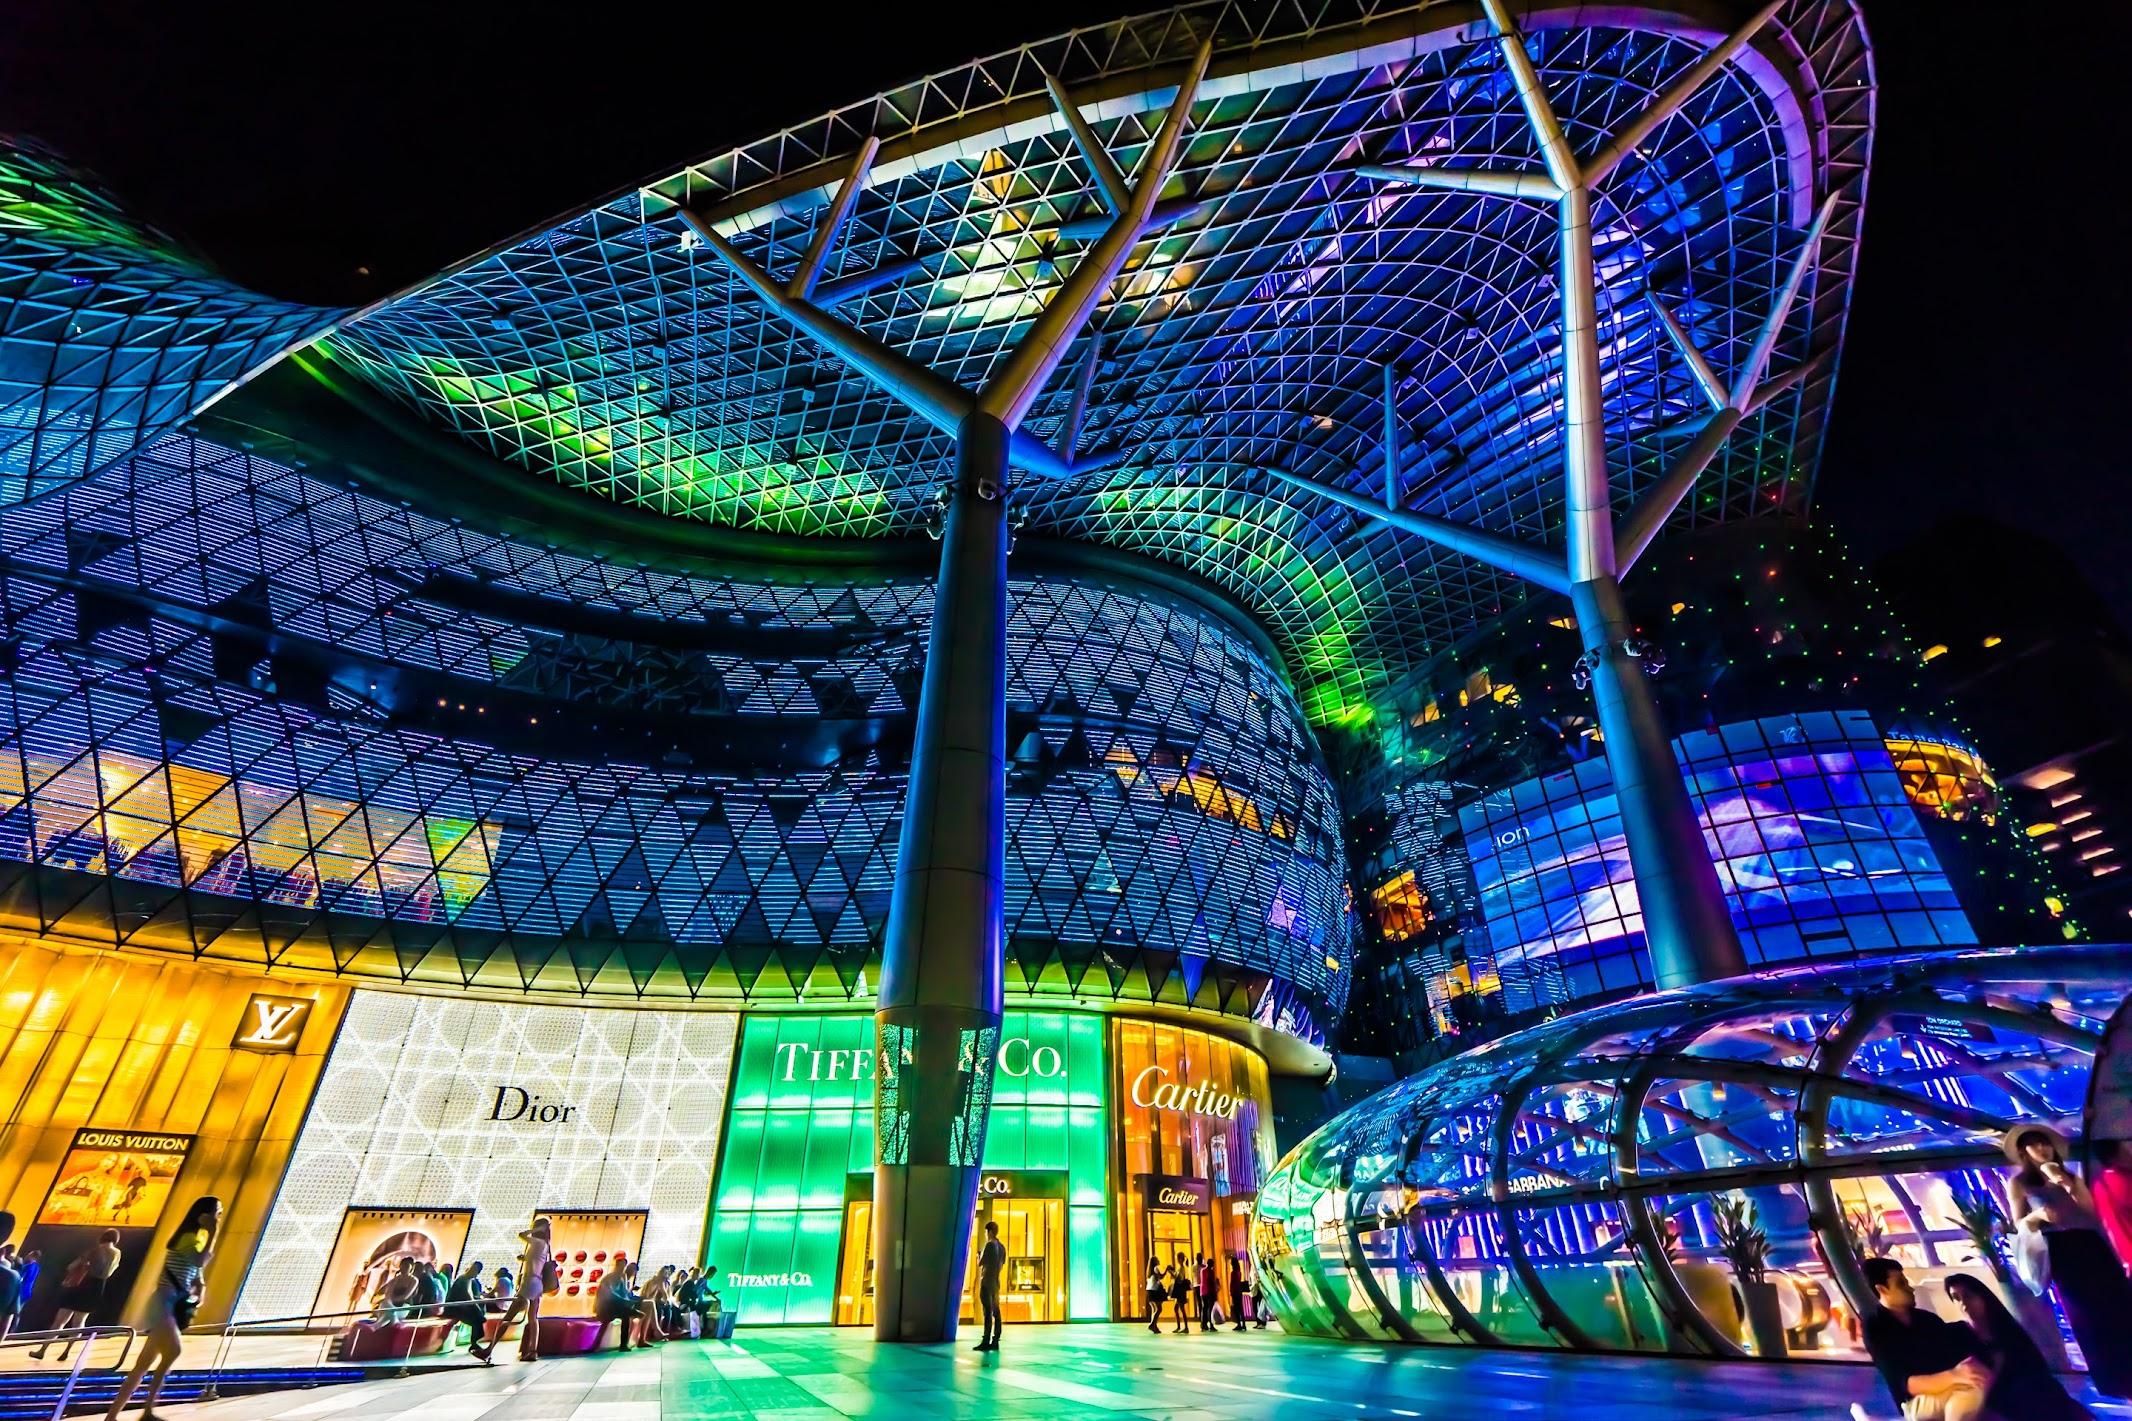 シンガポール アイオン・オーチャード(ION Orchard) 夜景(イルミネーション)5